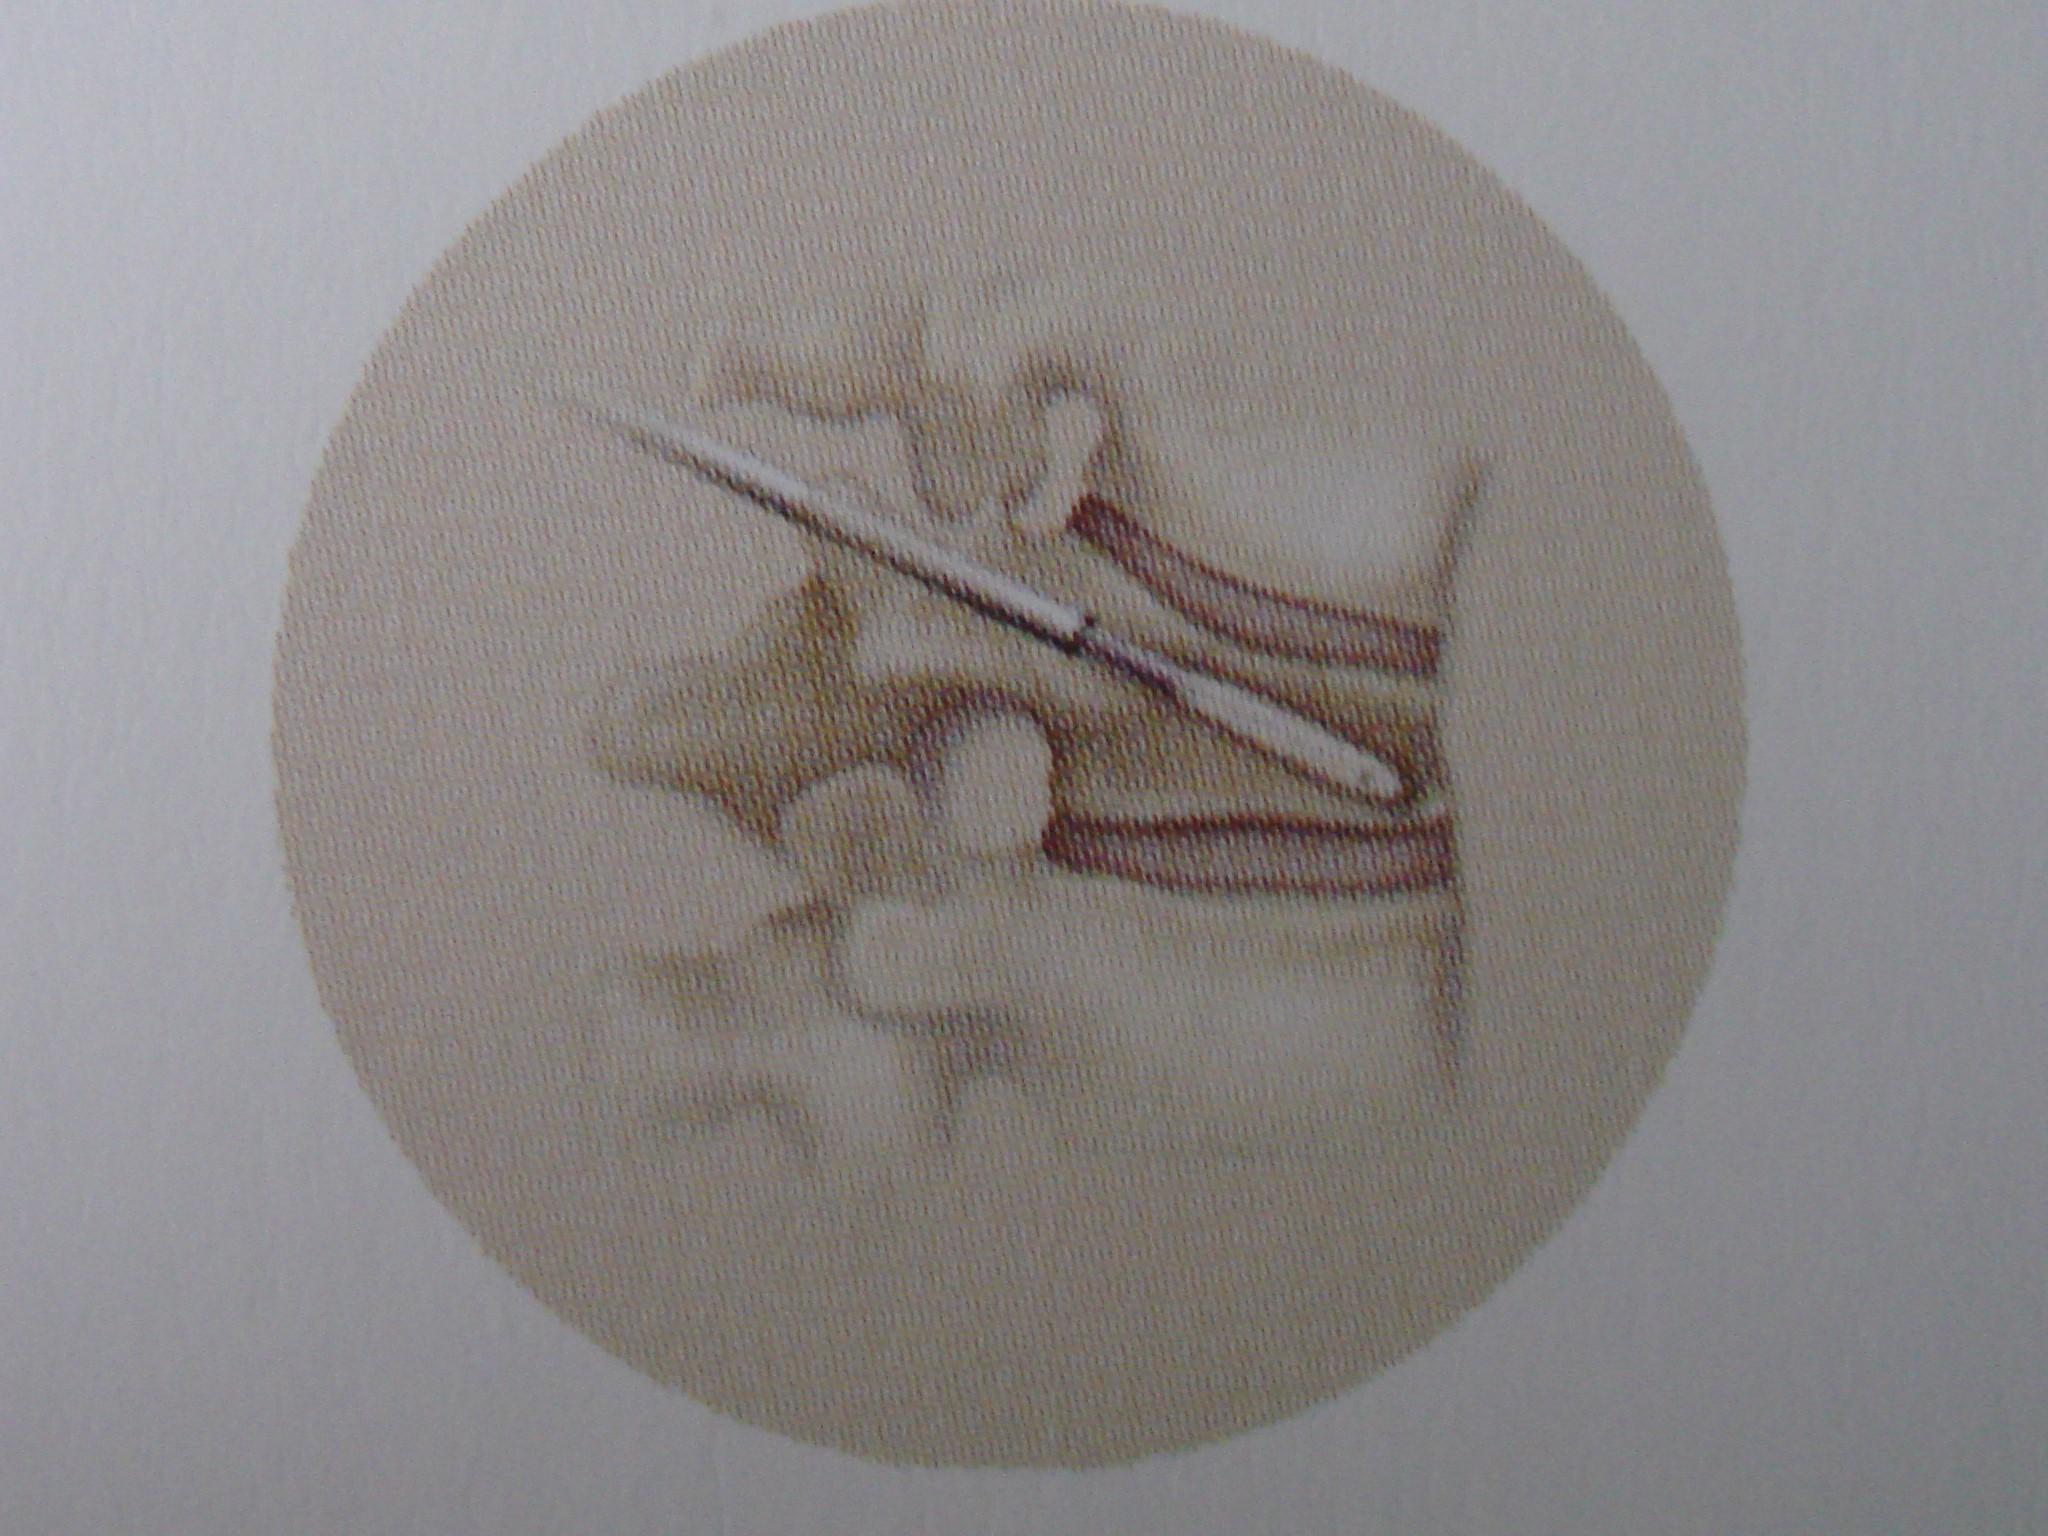 """Aspecto esquemático de introdução de """"balão inflável"""" através da cânula de procedimento (vista em perfil)."""